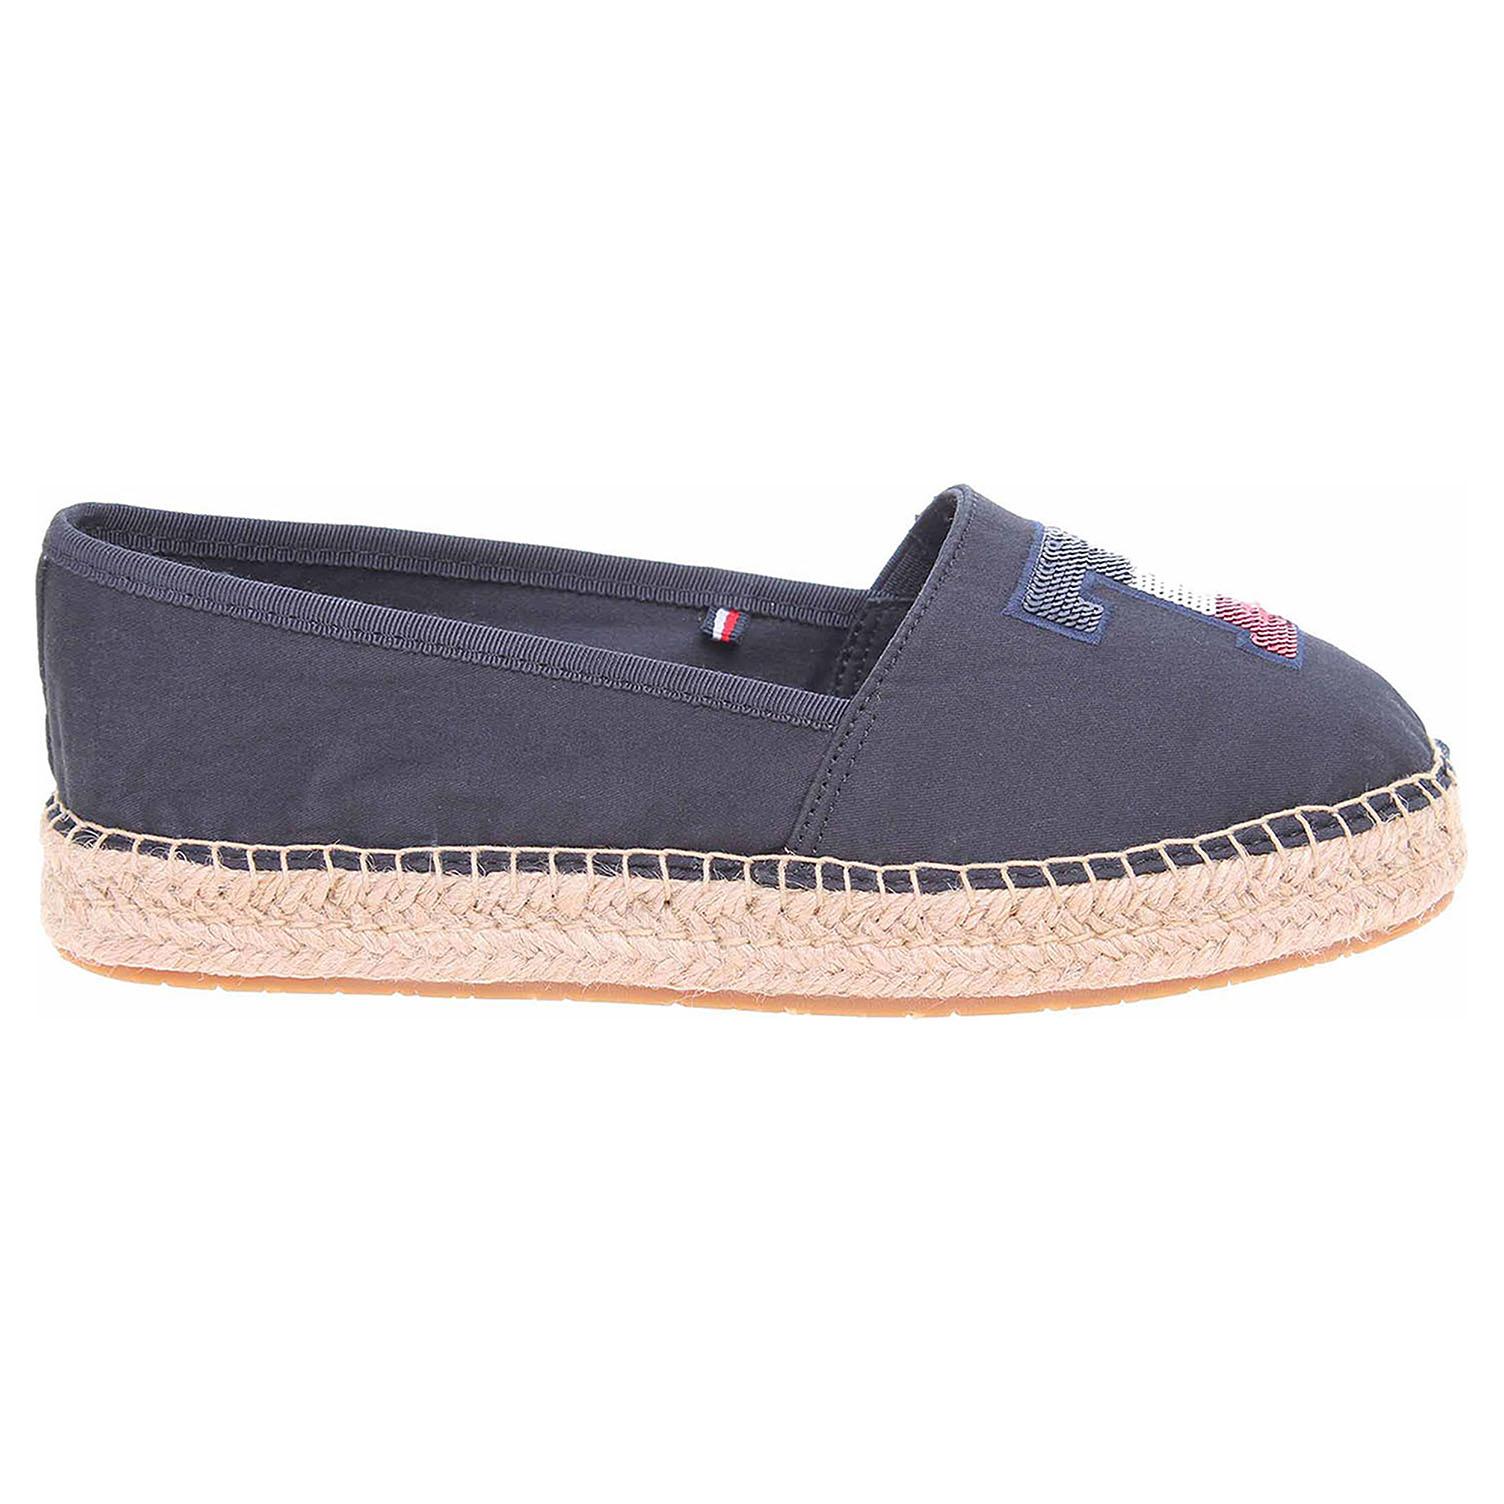 22c1483826 detail Dámská obuv Tommy Hilfiger FW0FW02412 403 midnight